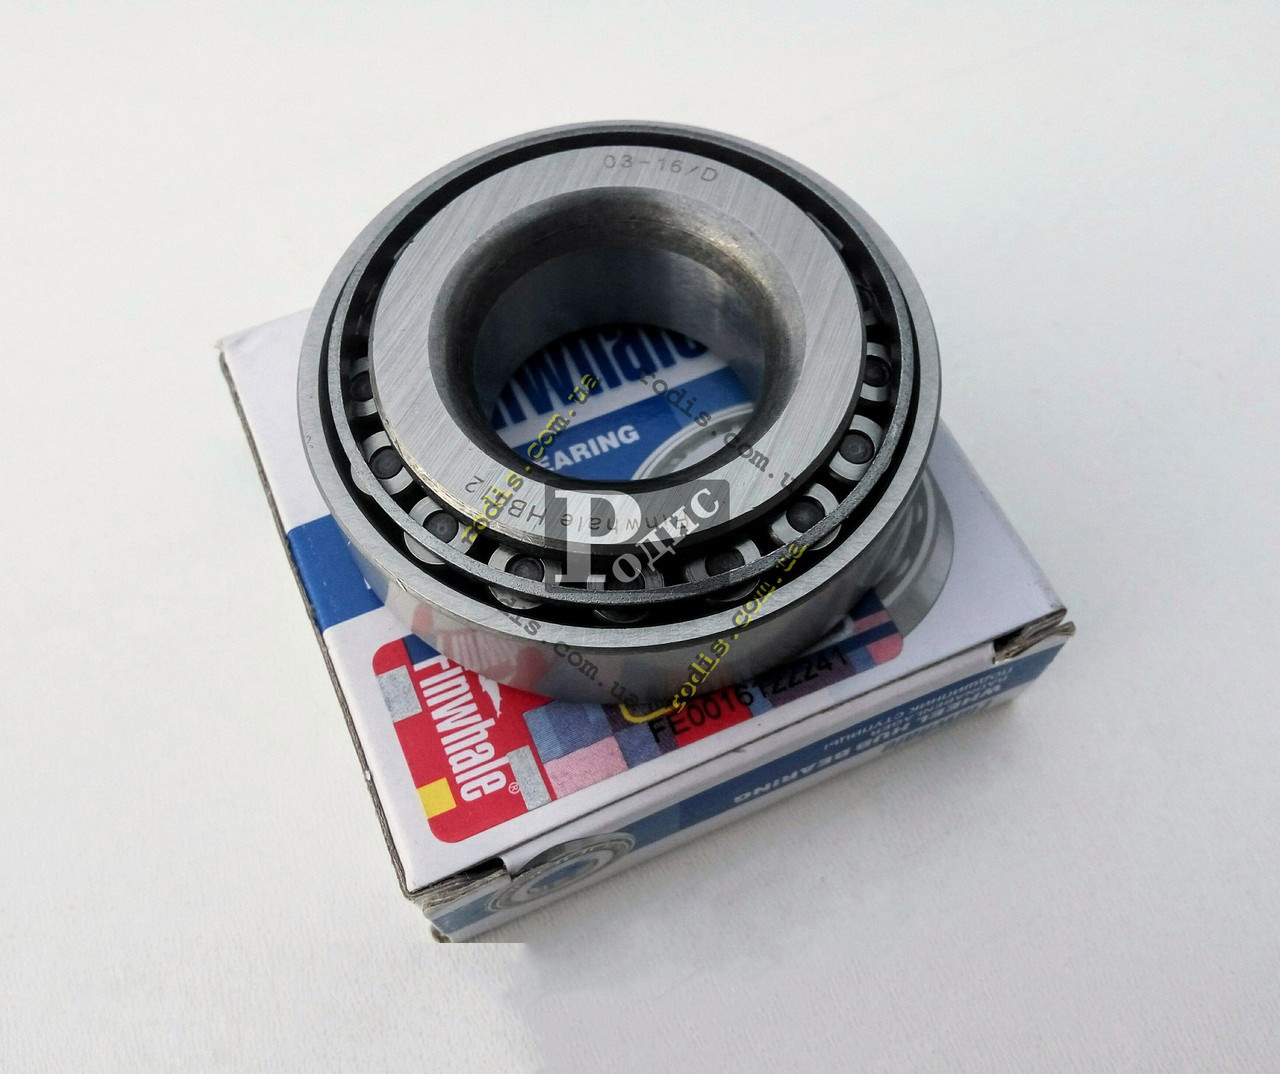 Подшипник ступицы ВАЗ 2101-07 бол. (коробка) —  передней ступицы внутренний 2101 2102 2103 2104 2105 2106